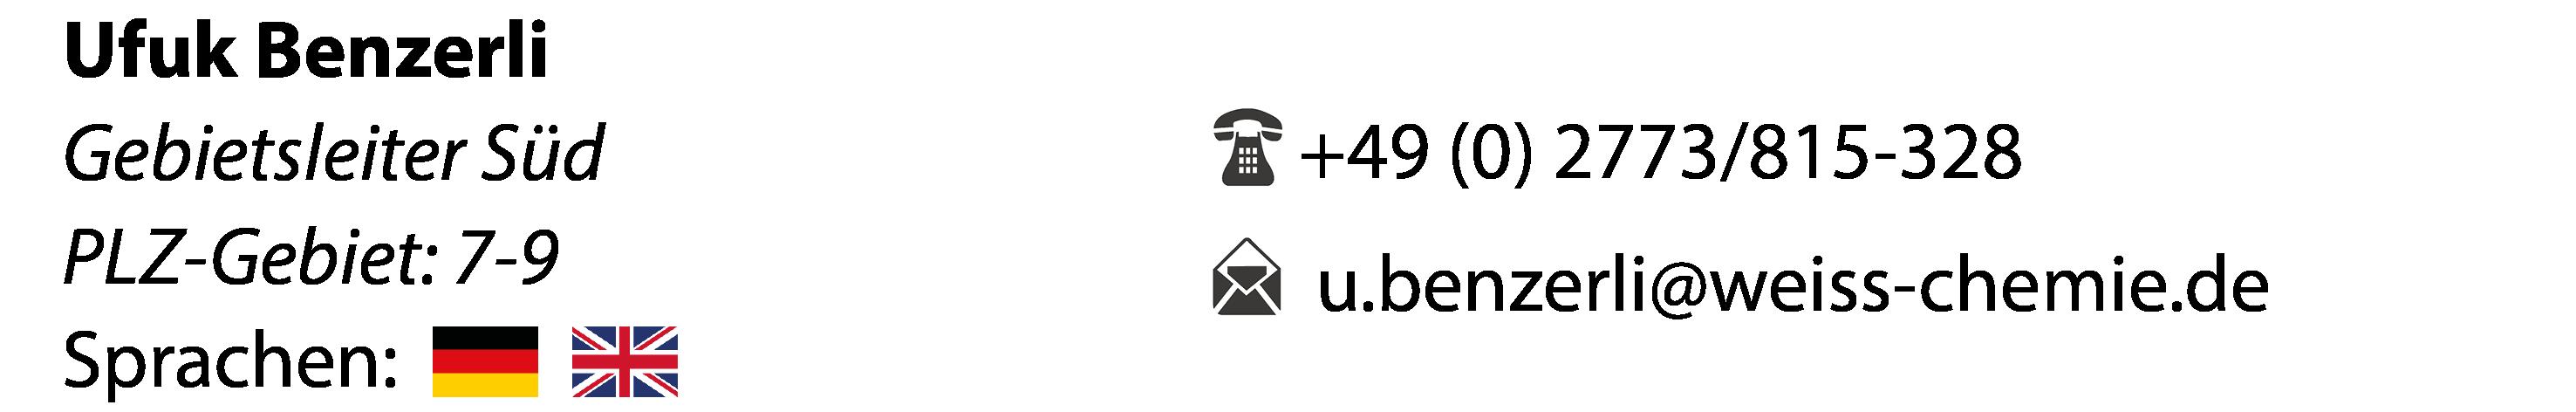 Ufuk Benzerli - Geschäftsbereich Sandwichelemente